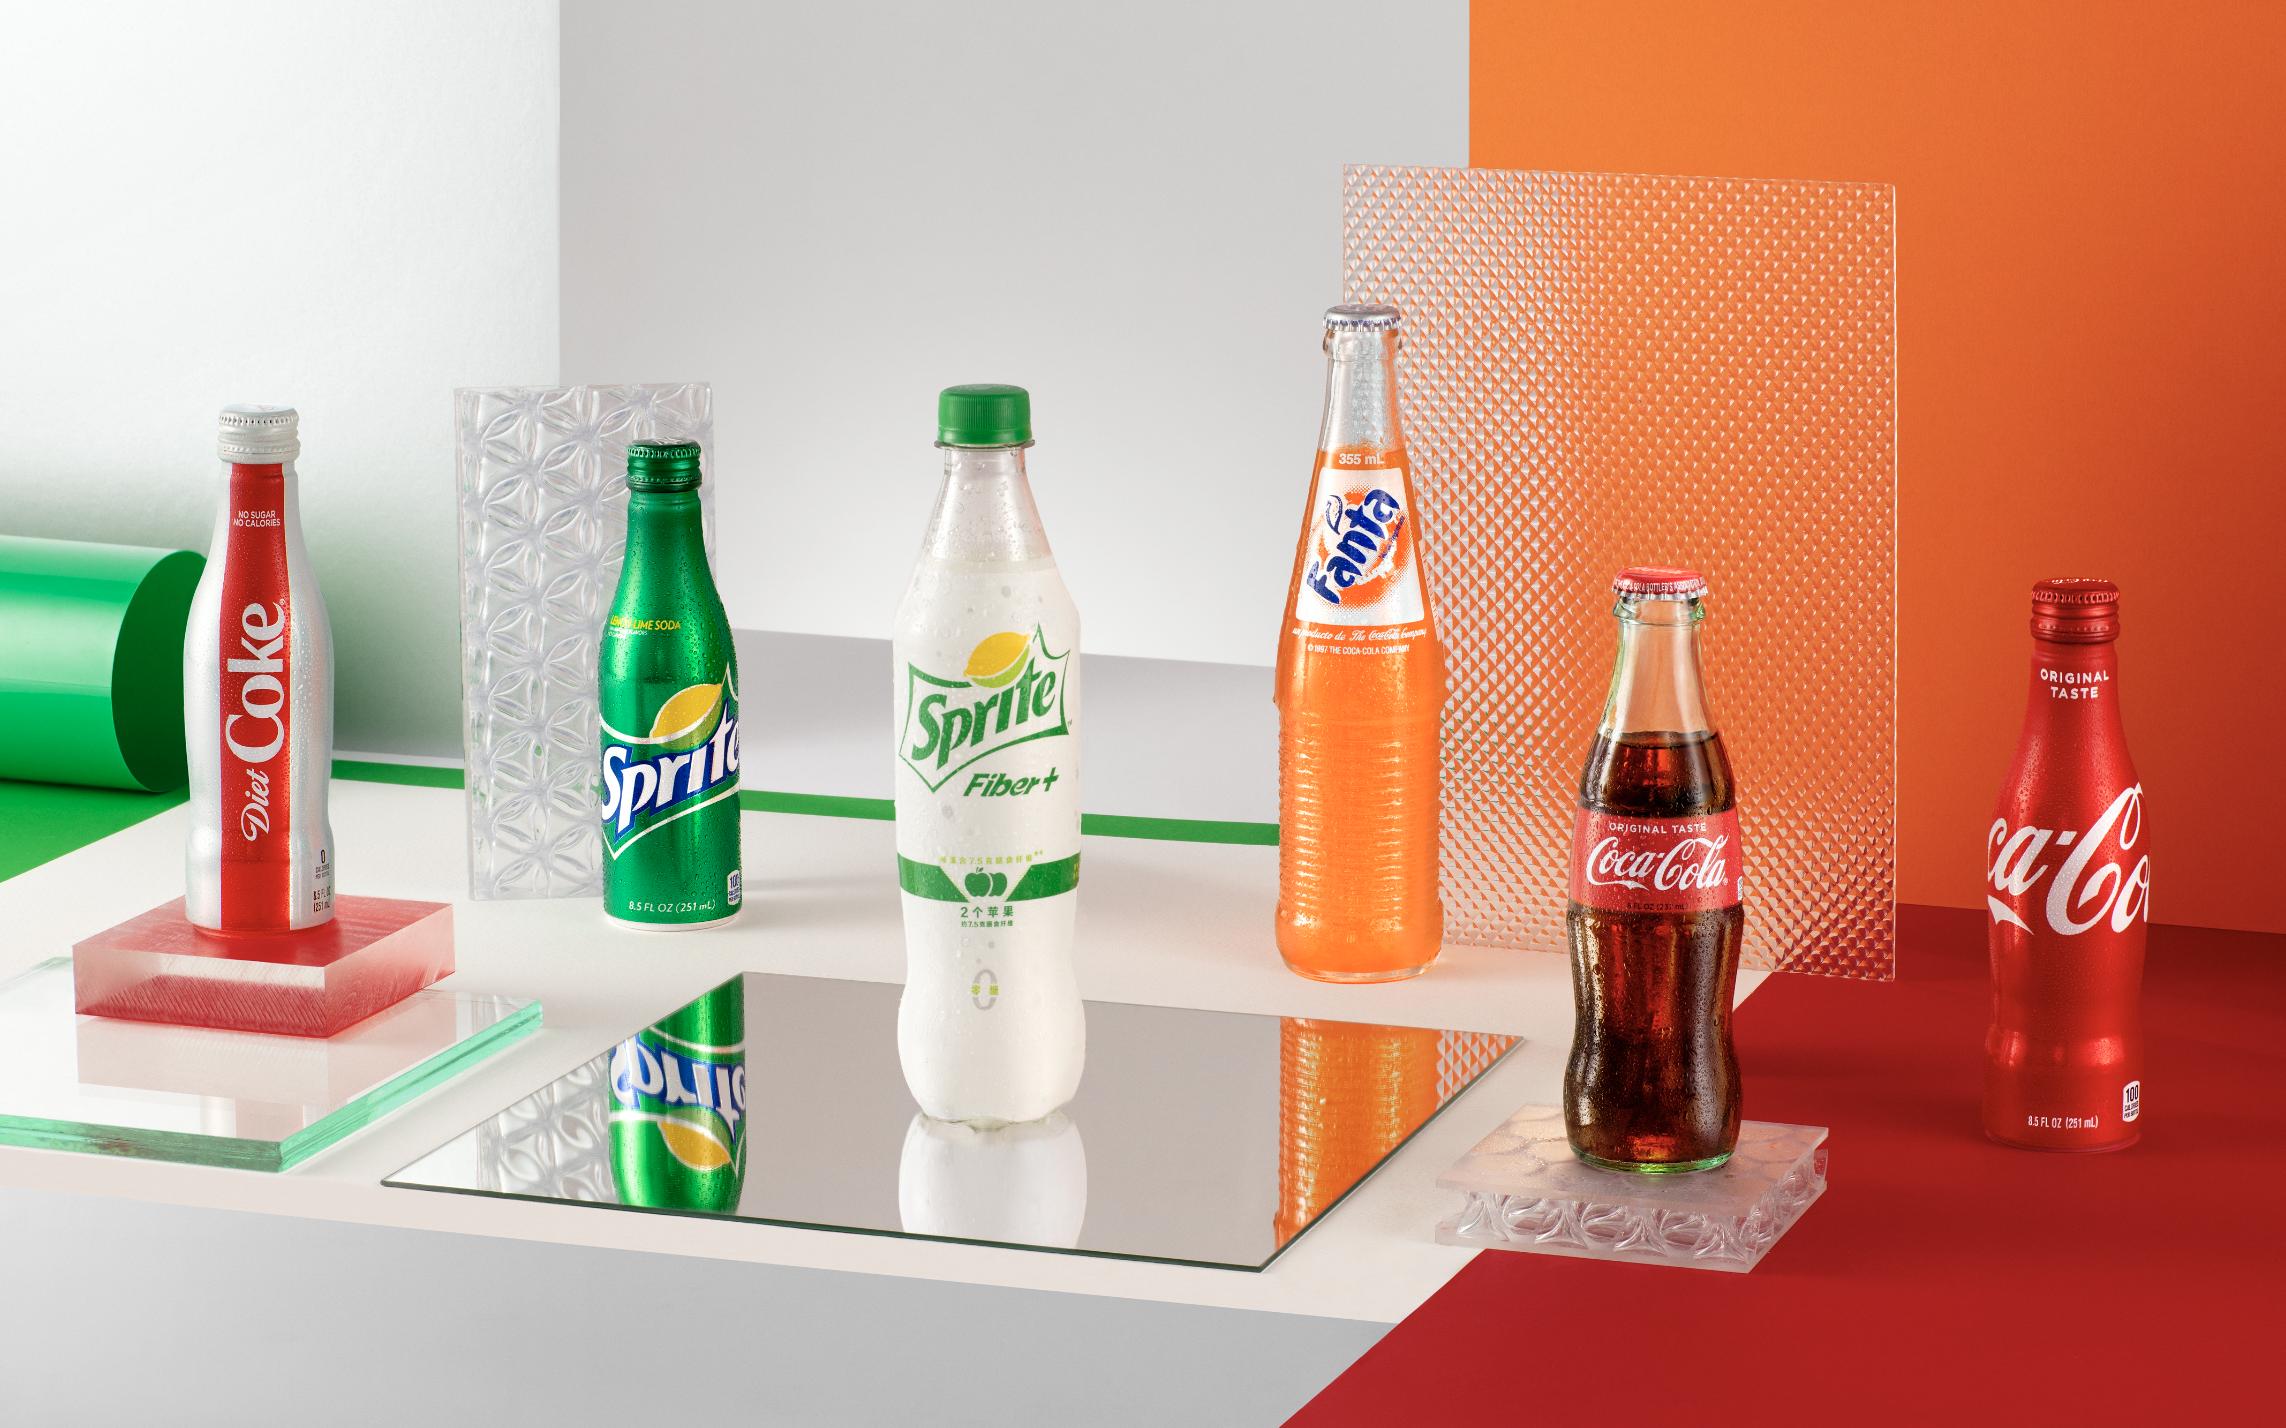 可口可乐 2021 年第二季度营收同比增长 42%